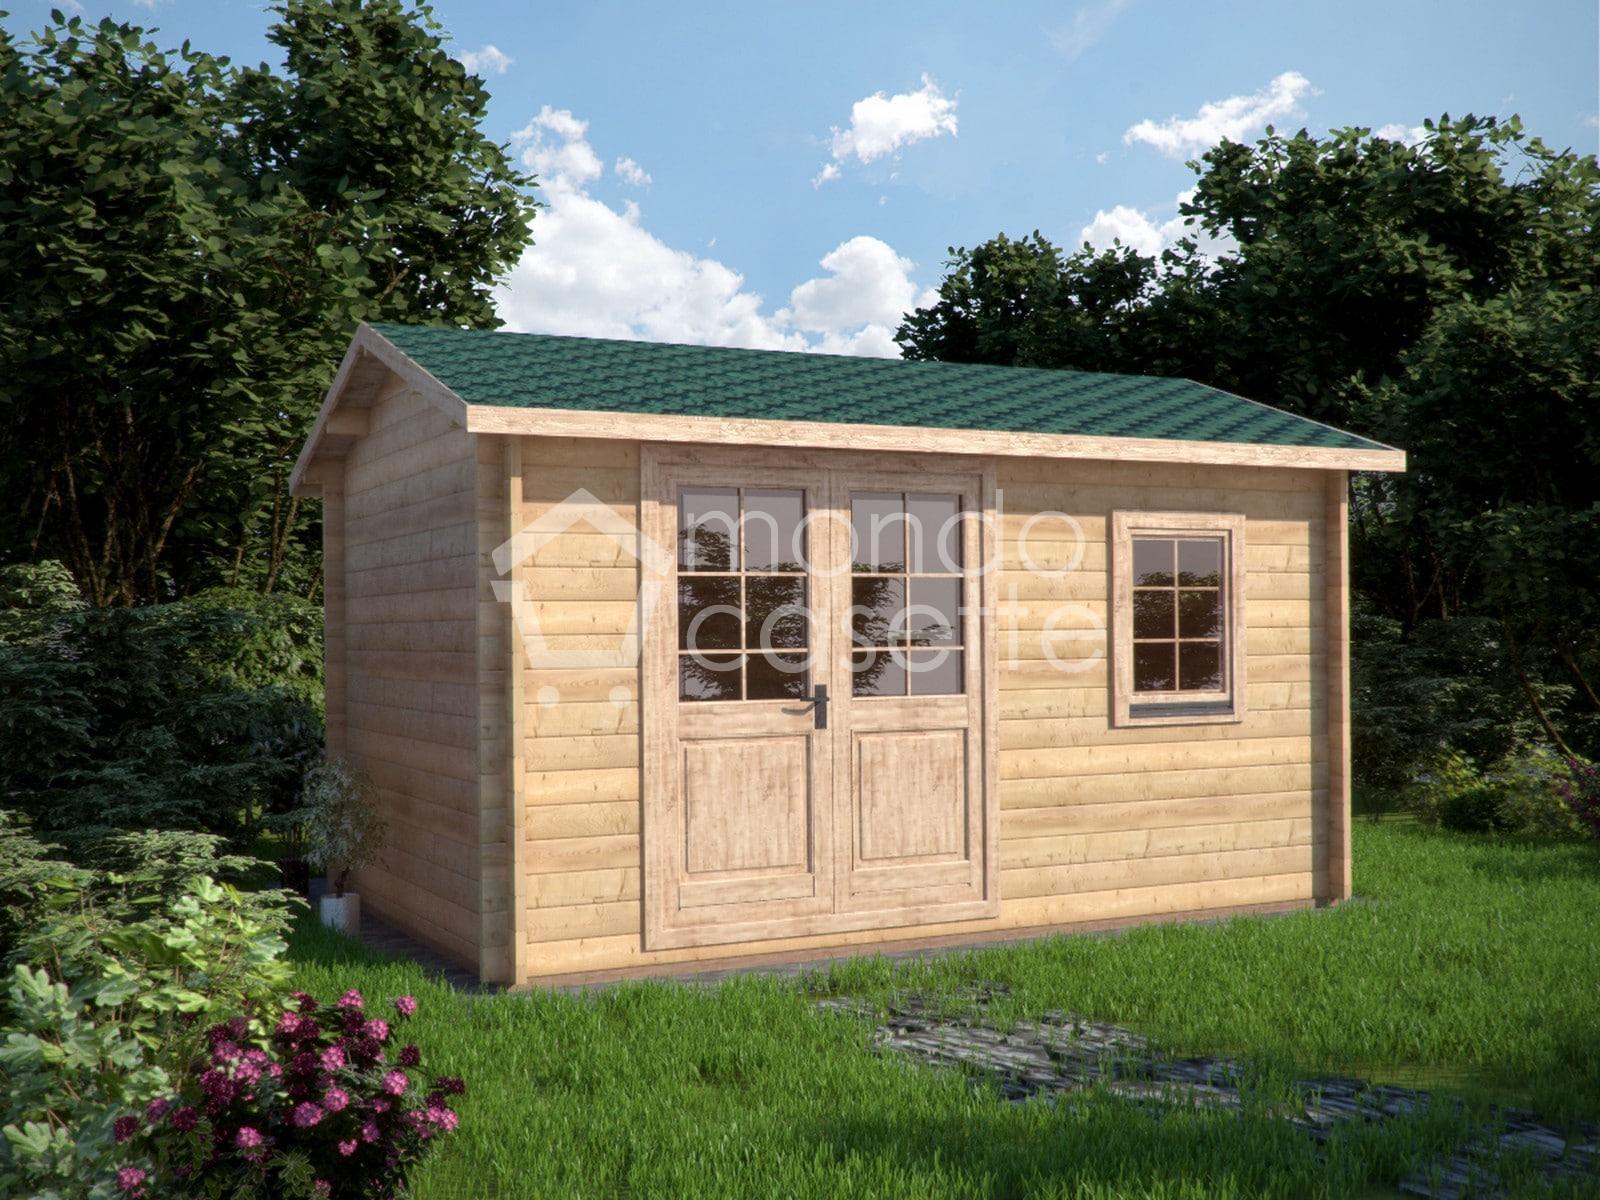 Casetta in legno Ula - 4,5x2,5 - pareti da 45 mm